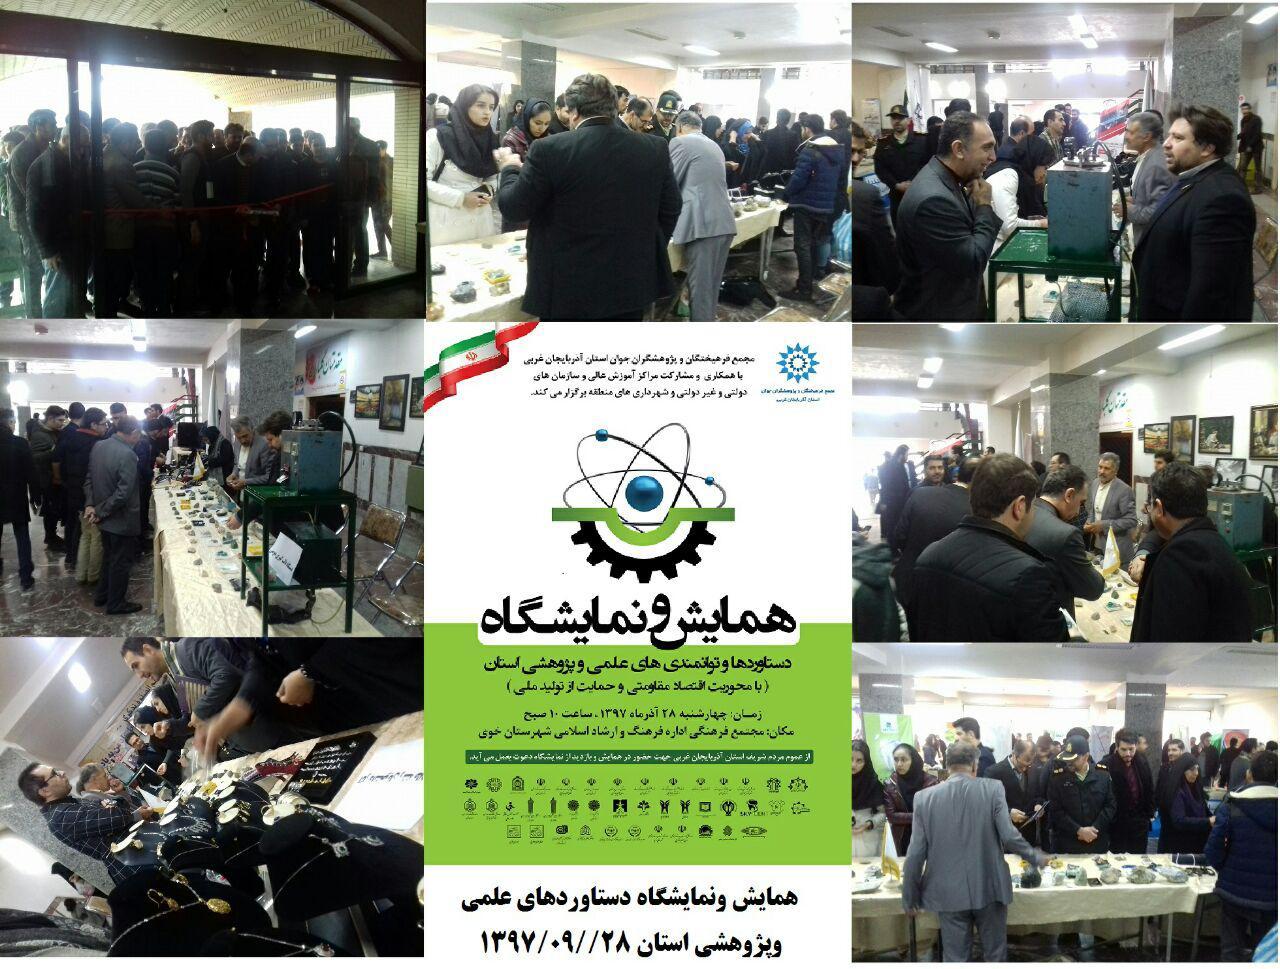 همایش و نمایشگاه دستاوردهای علمی و پژوهشی استان+تصاویر